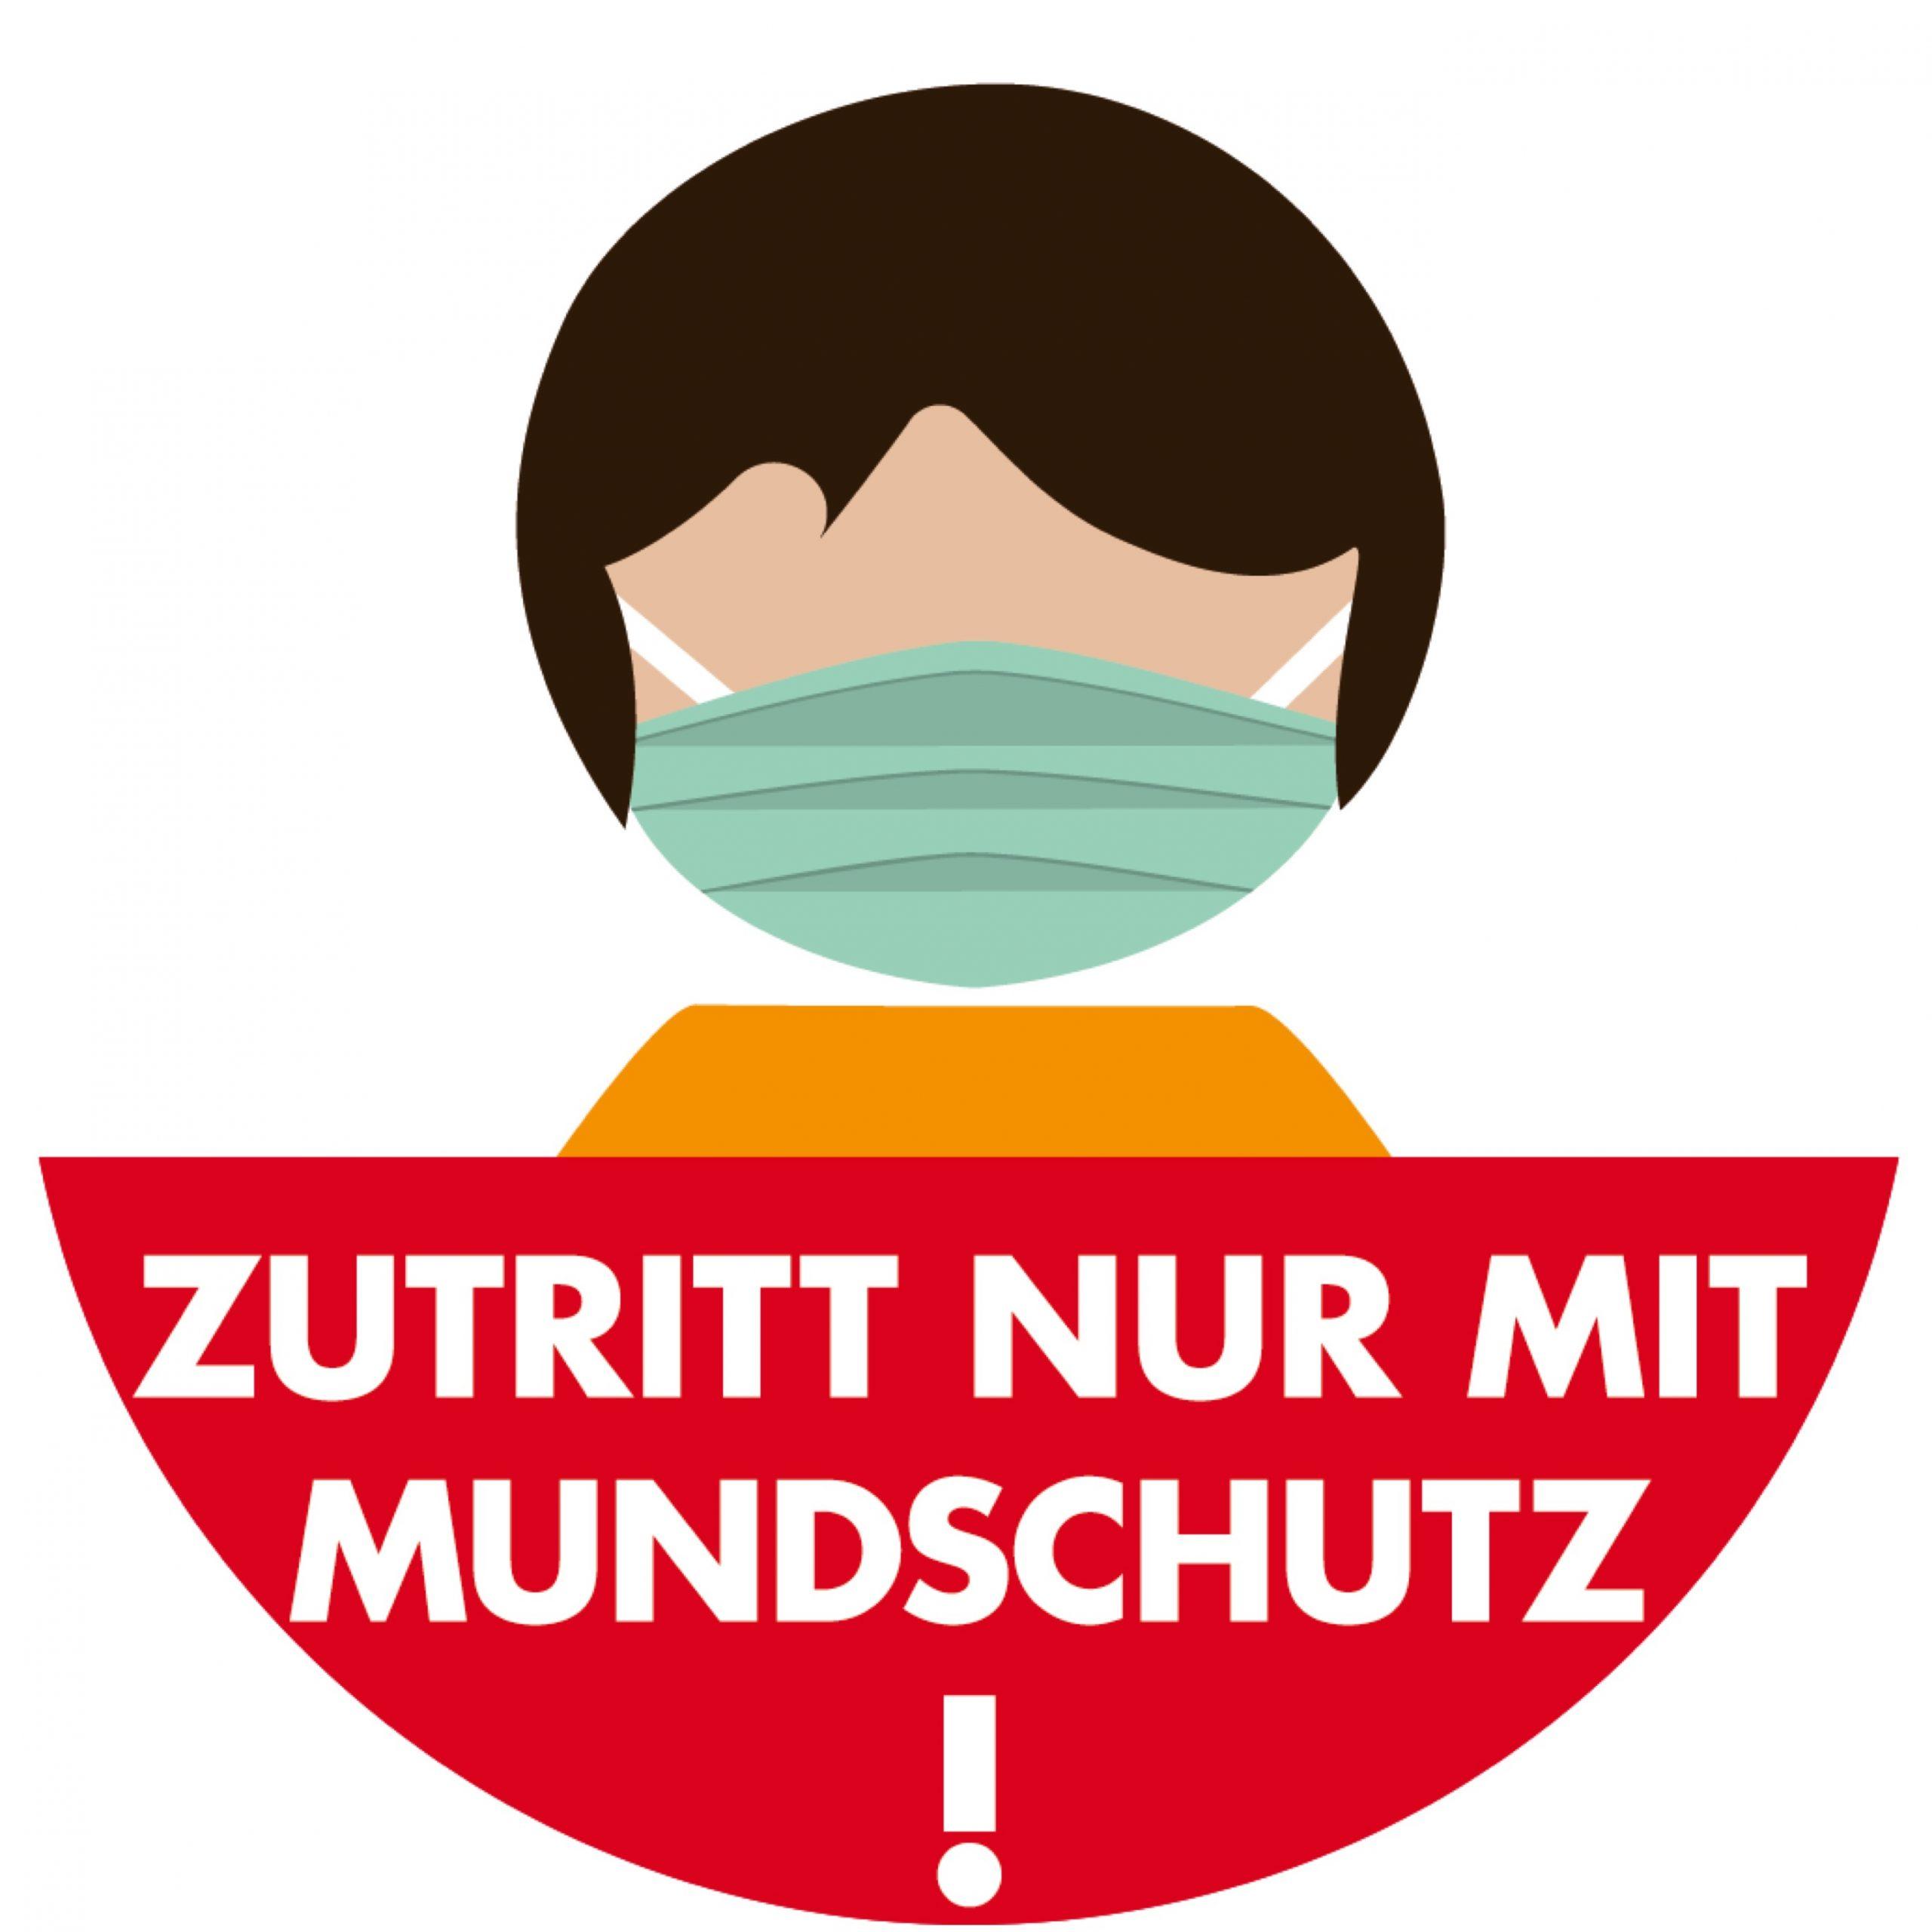 mundschutz symbol scaled